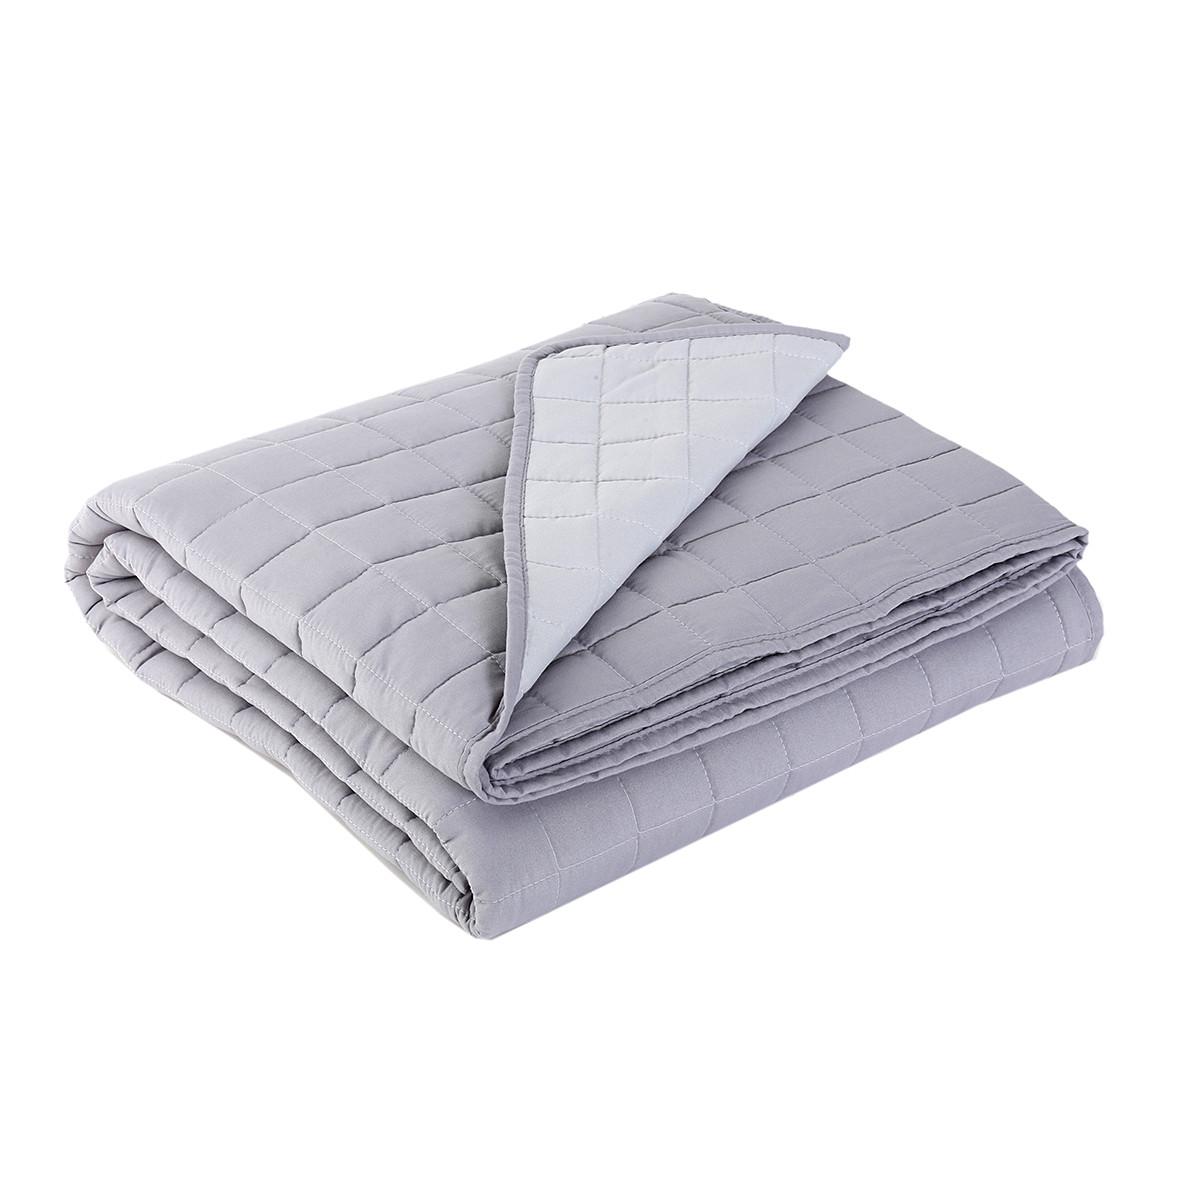 Κουβερλί Μονό 2 Όψεων Nef-Nef Bicolor D.Grey/L.Grey